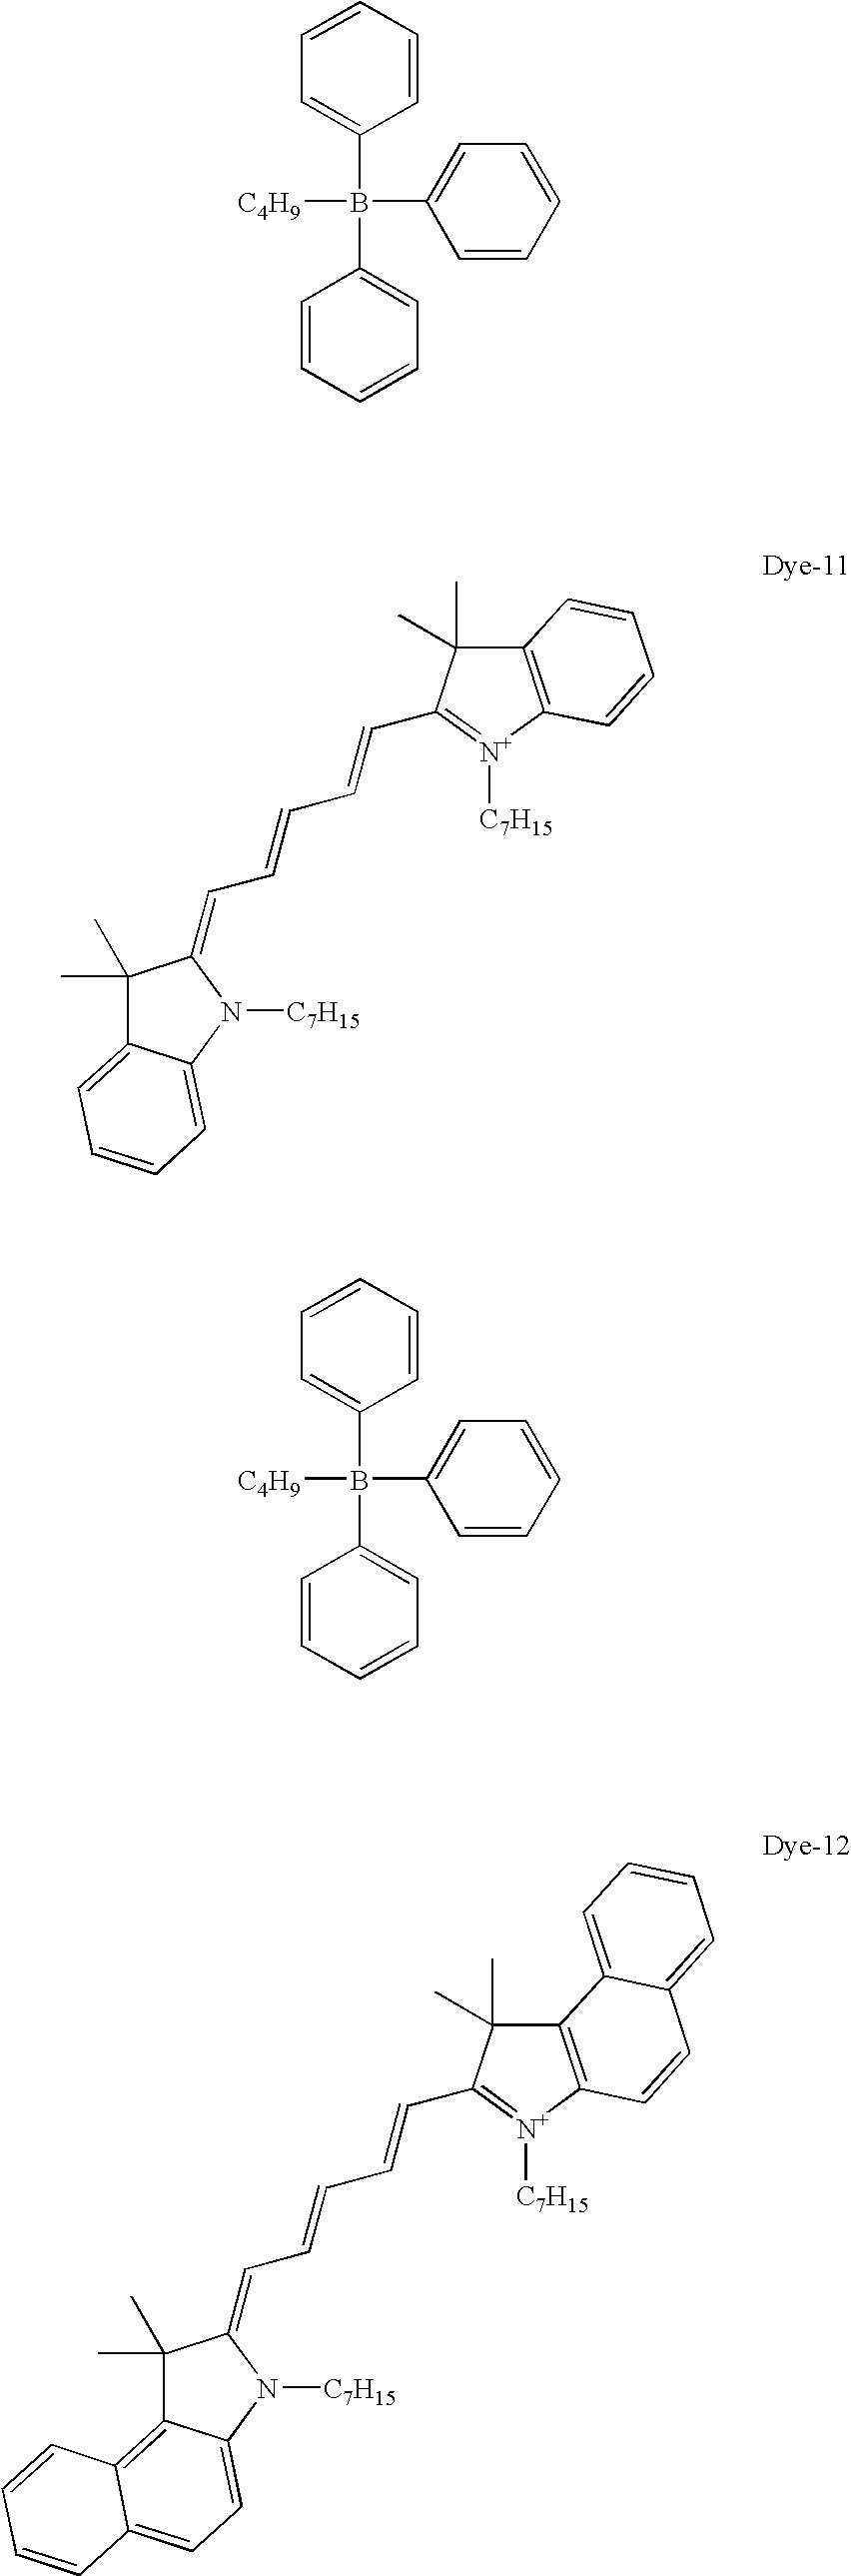 Figure US20050084789A1-20050421-C00004